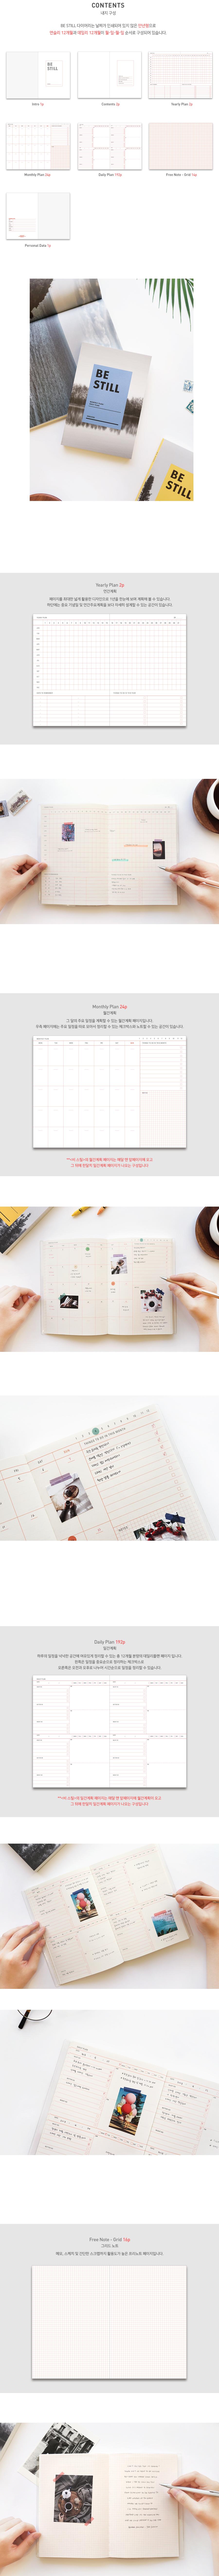 BE STILL daily planner (만년형) - 페이퍼리안, 12,800원, 만년형, 포토